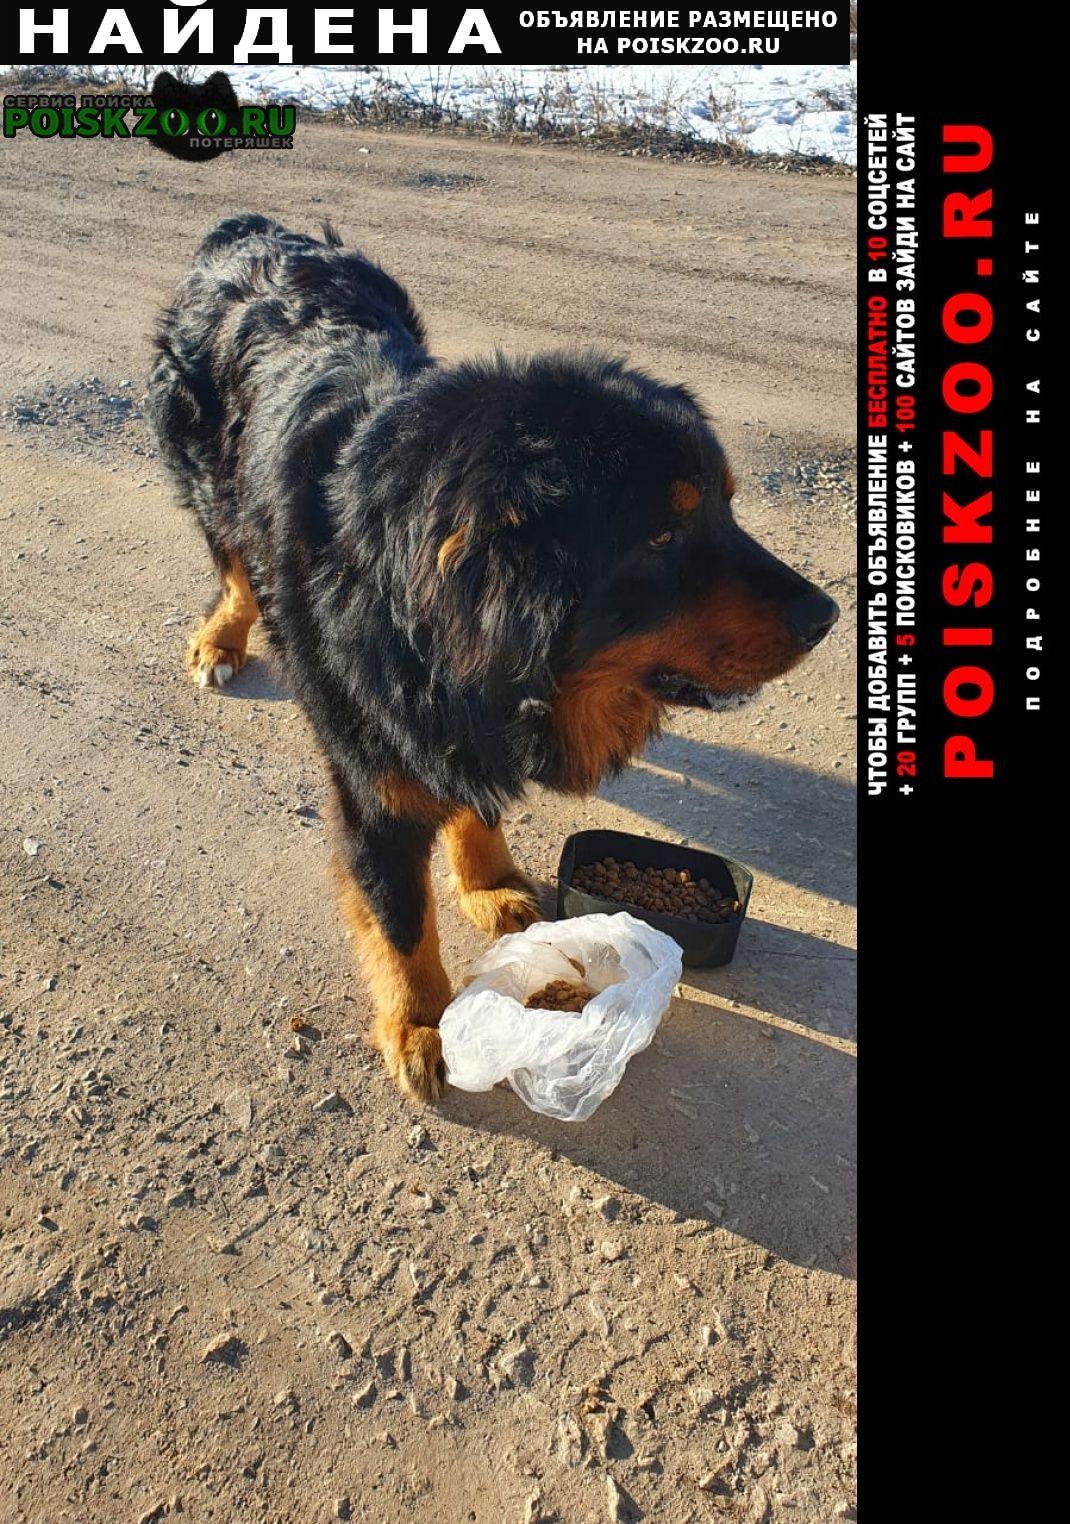 Найдена собака кобель большой, приветливый, молодой Дубна (Тульская обл.)